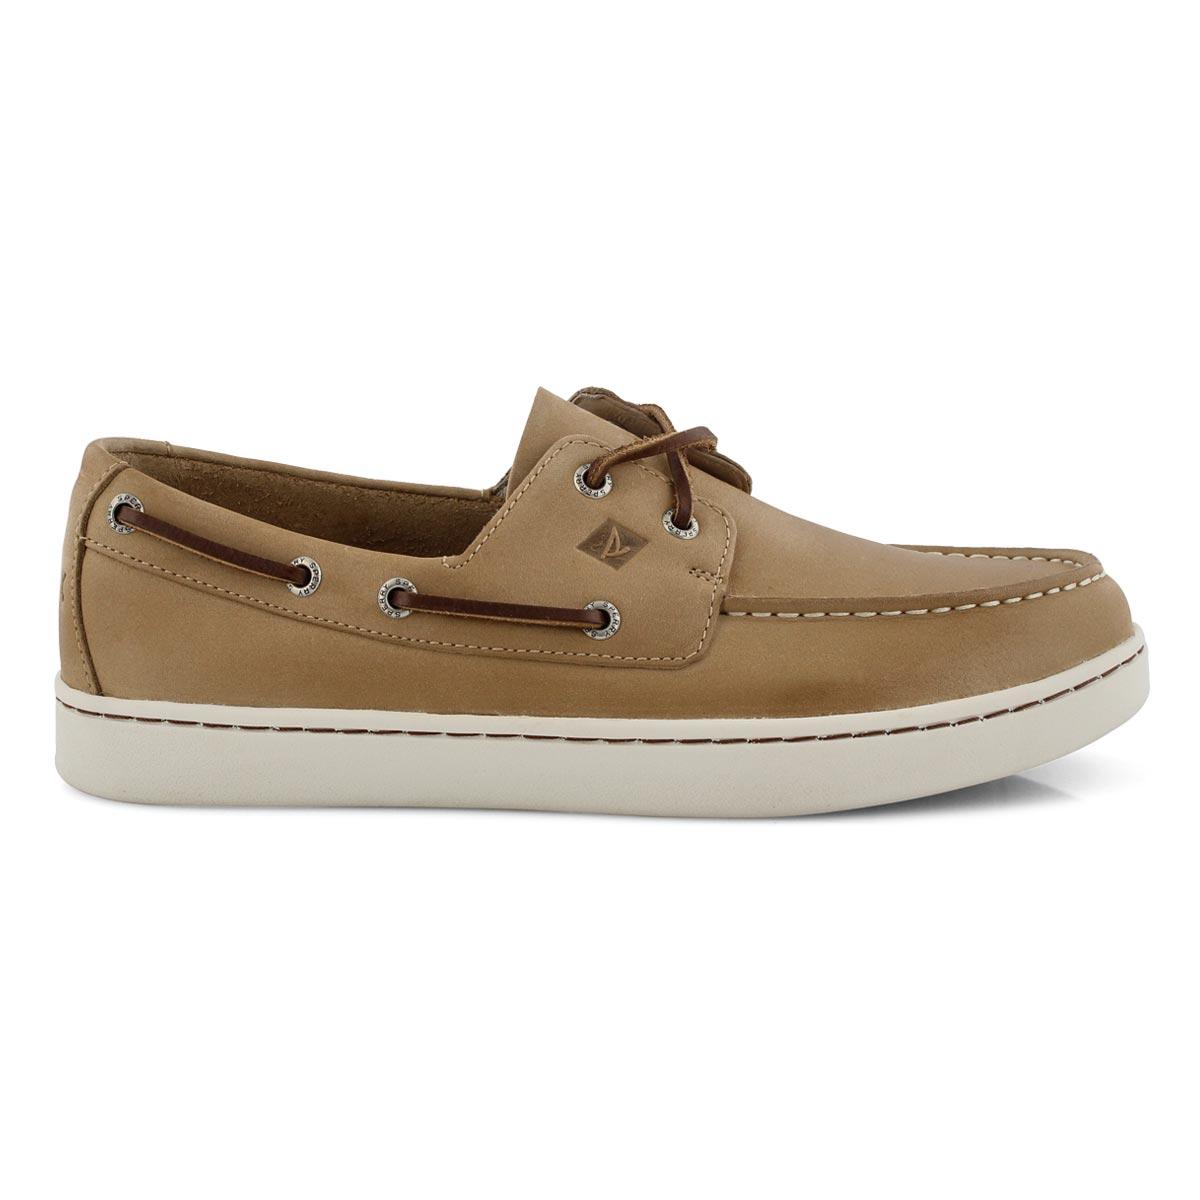 Mns Sperry Cup 2-Eye linen boat shoe